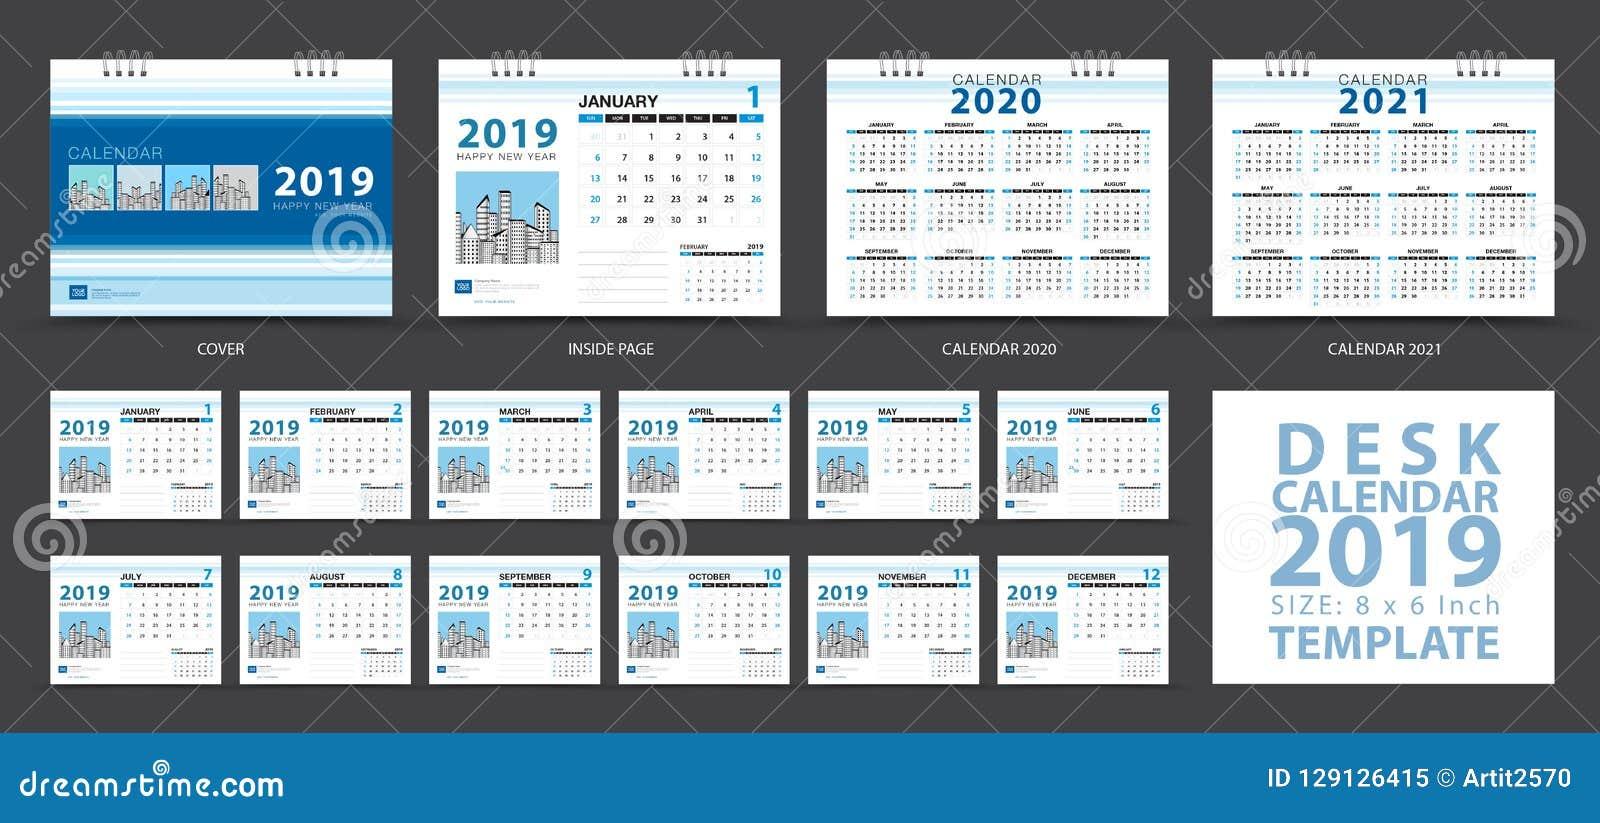 Desk Calendar 2019 Template Set Of 12 Months Calendar 2020 2021